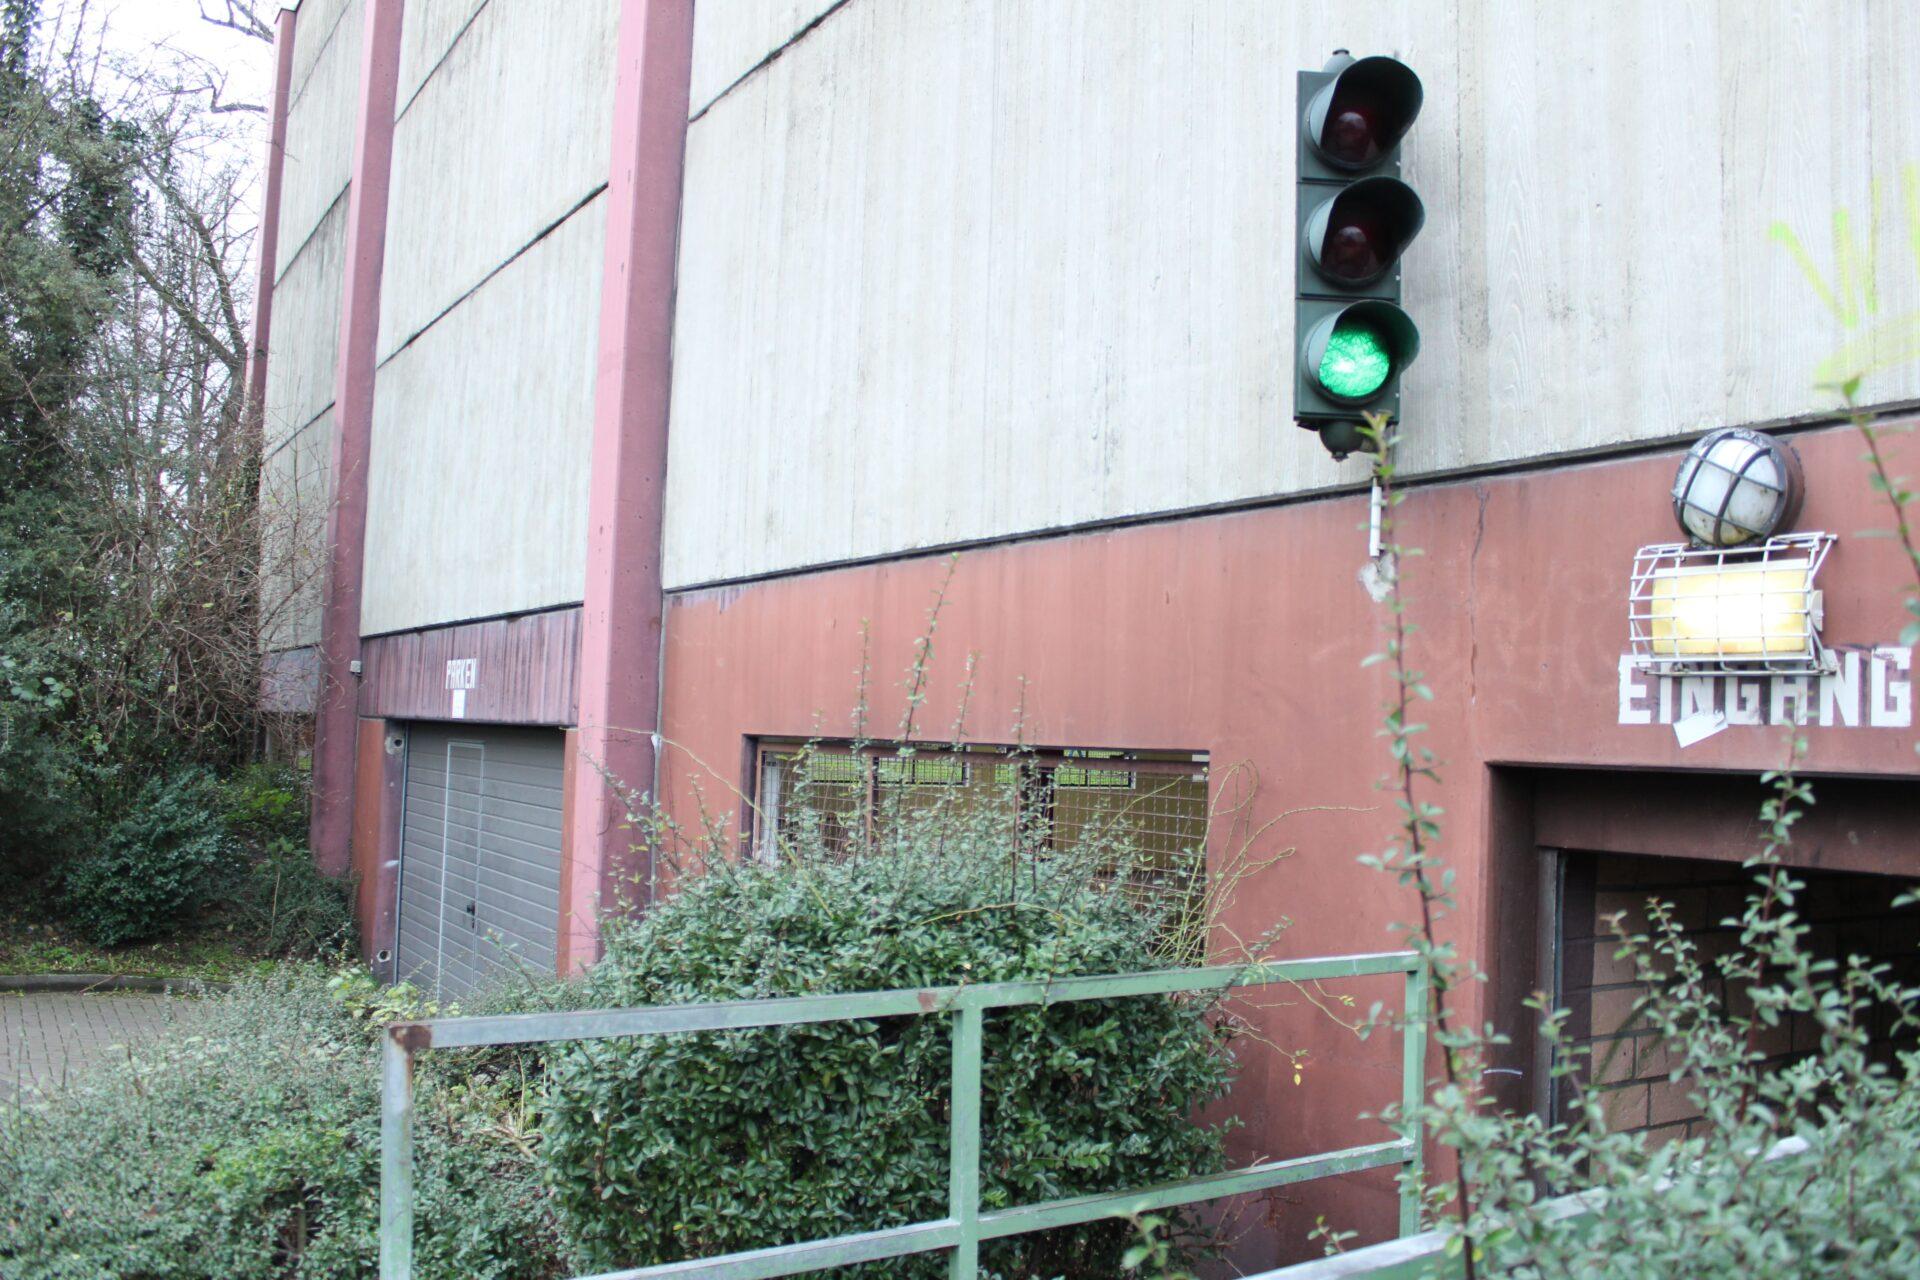 Tiefgarage unter Sporthalle: Nutzung nur für die Verwaltung